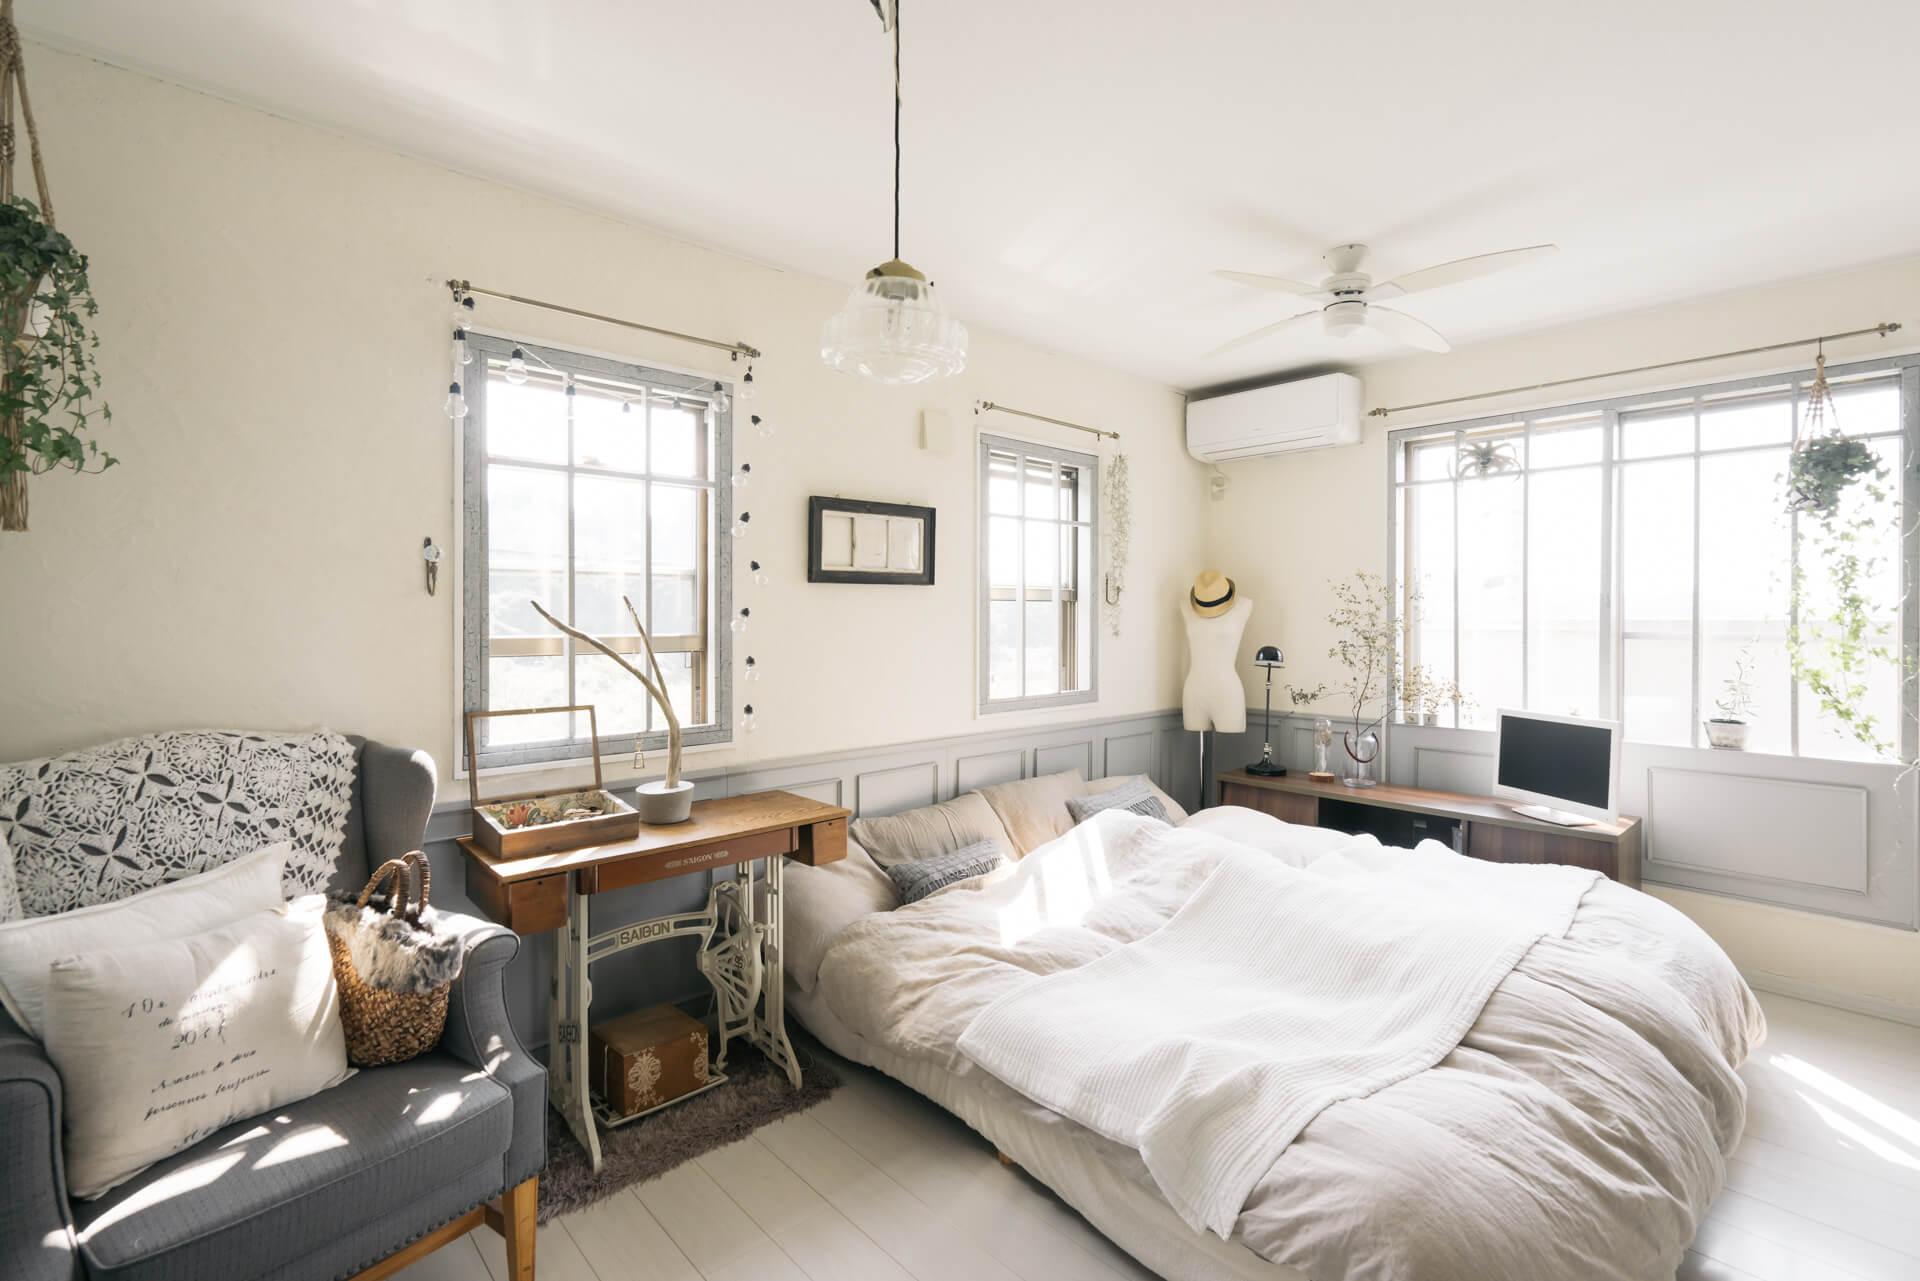 ベッドルームのサイズとベッドの規格、それにもちろん搬入経路もしっかり確認して、良いベッドを購入してくださいね(参考記事:ベッドルームって何畳あれば大丈夫? 広さ別のレイアウトまとめ)